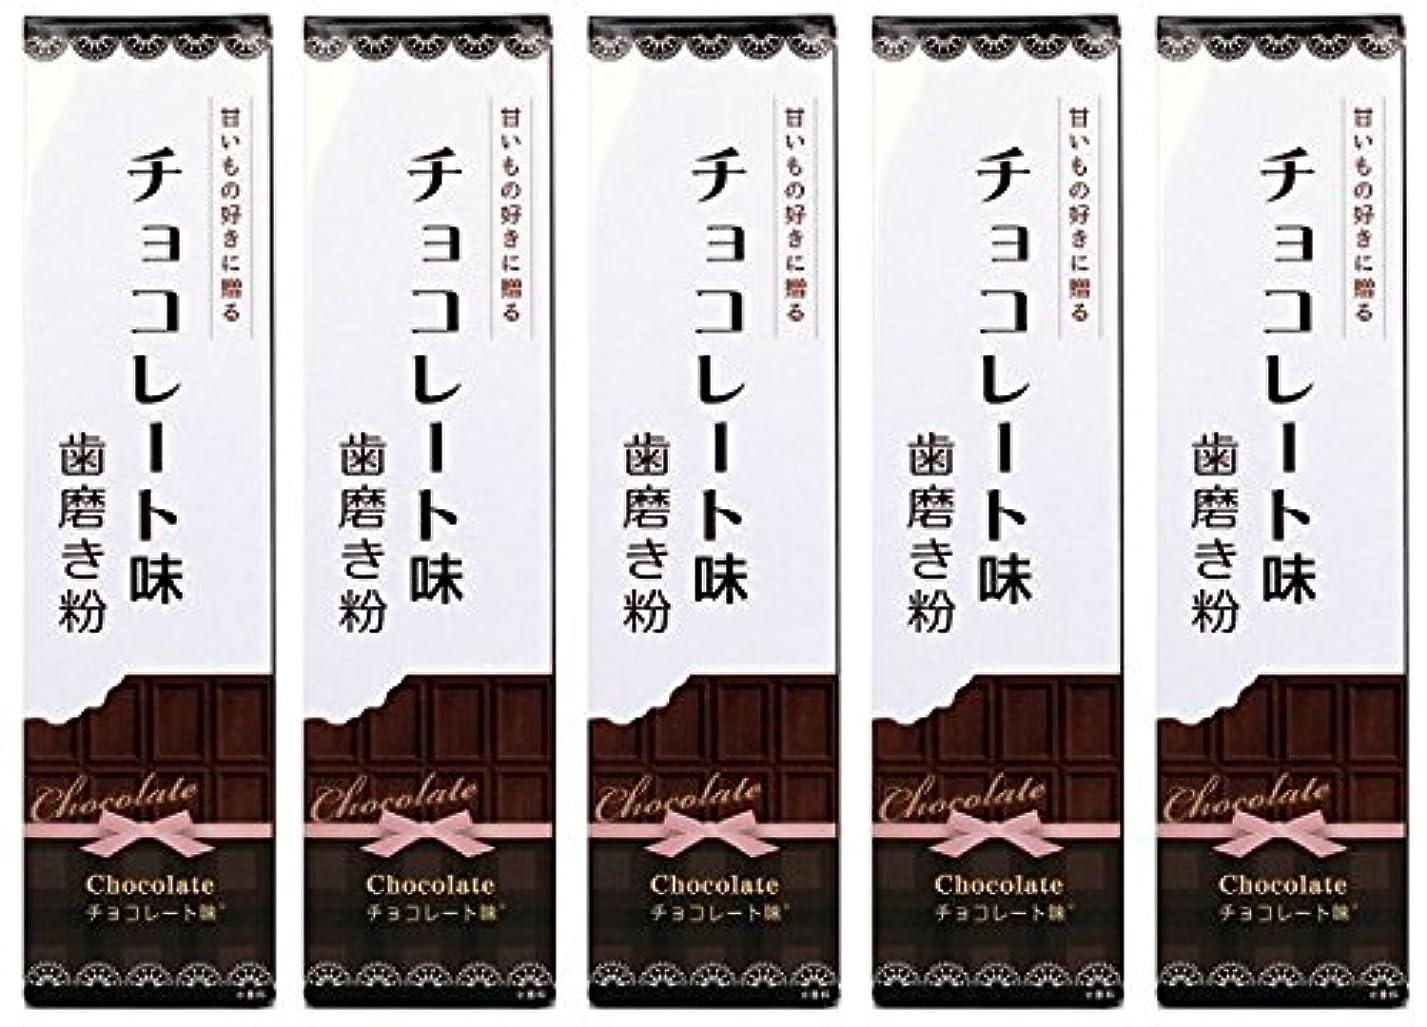 必須怖がらせる曲げるSWEETS 歯磨き粉 チョコレート味 70g (5本)